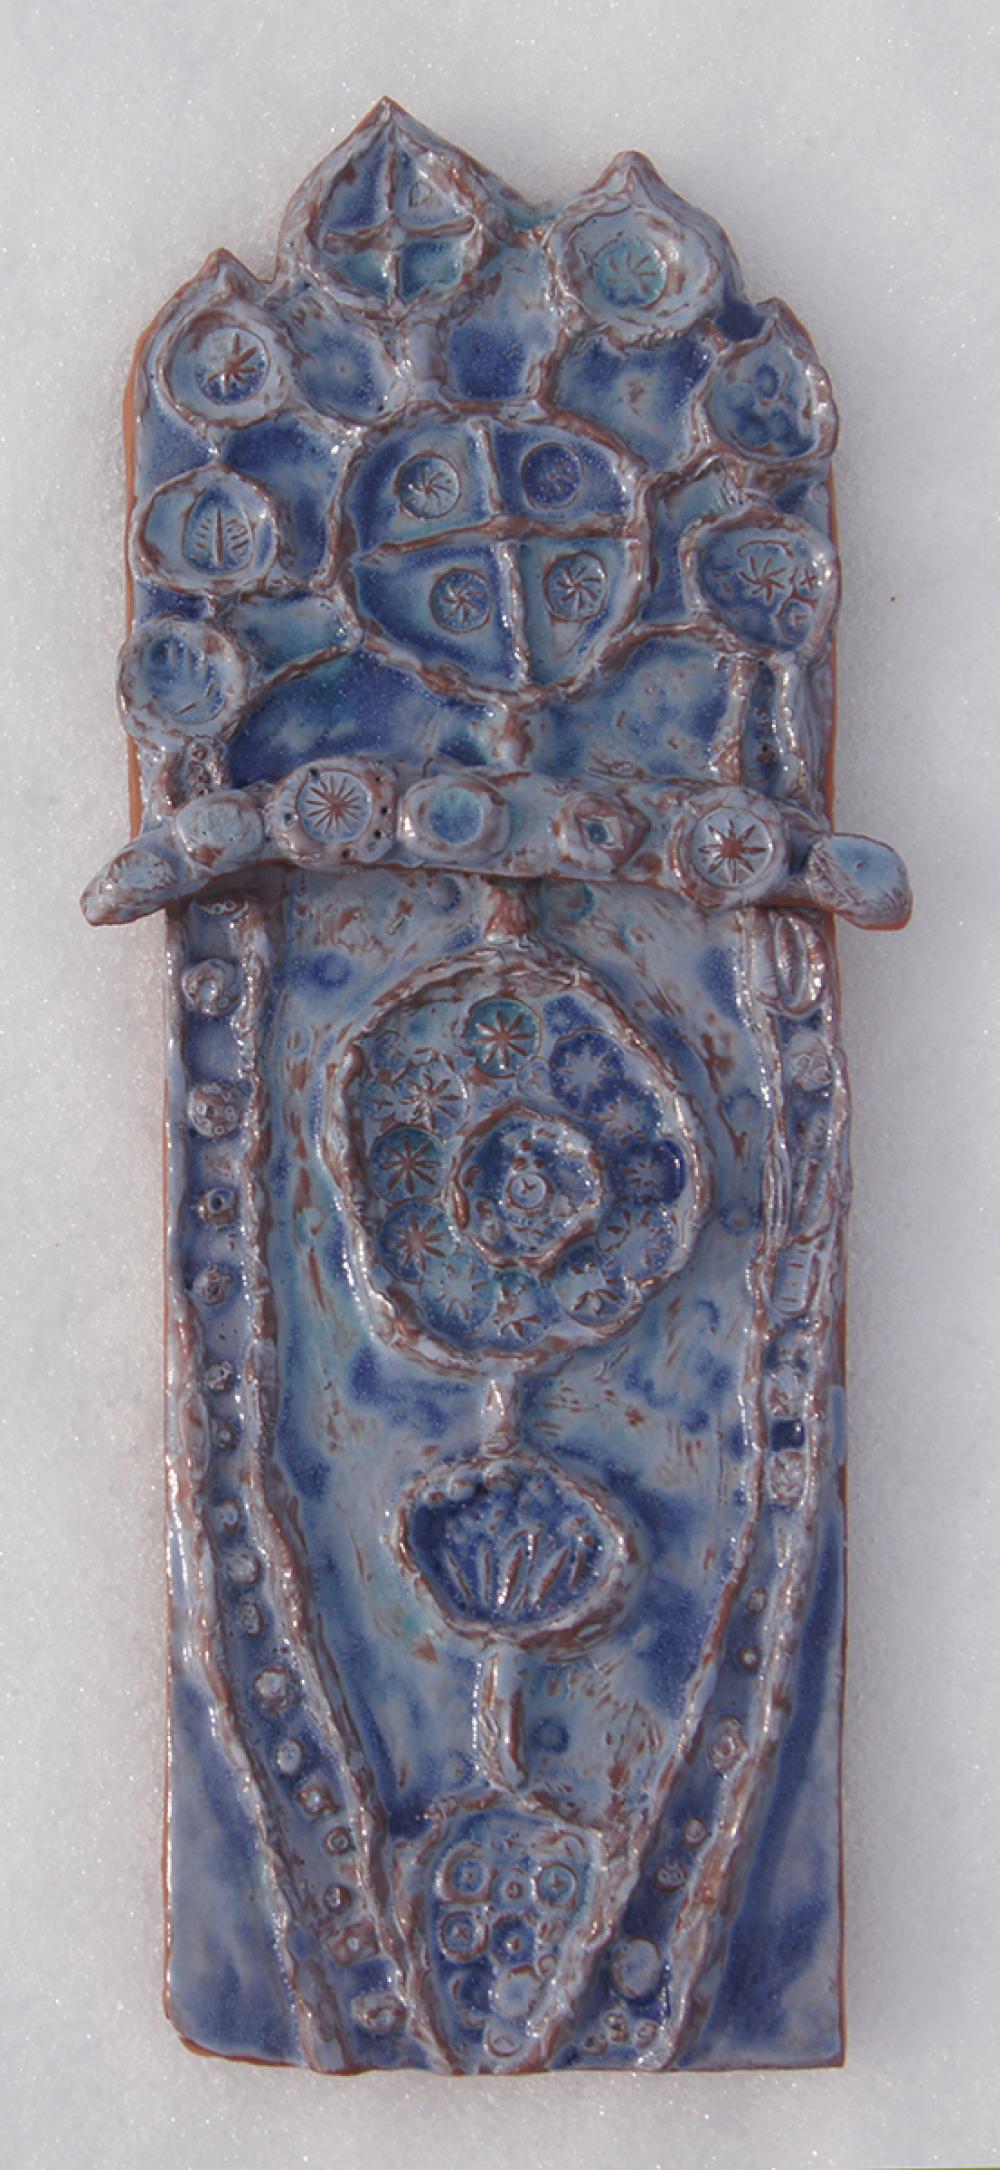 Полихромный керамический рельеф. Автор – Тихонова Даша, 10 лет